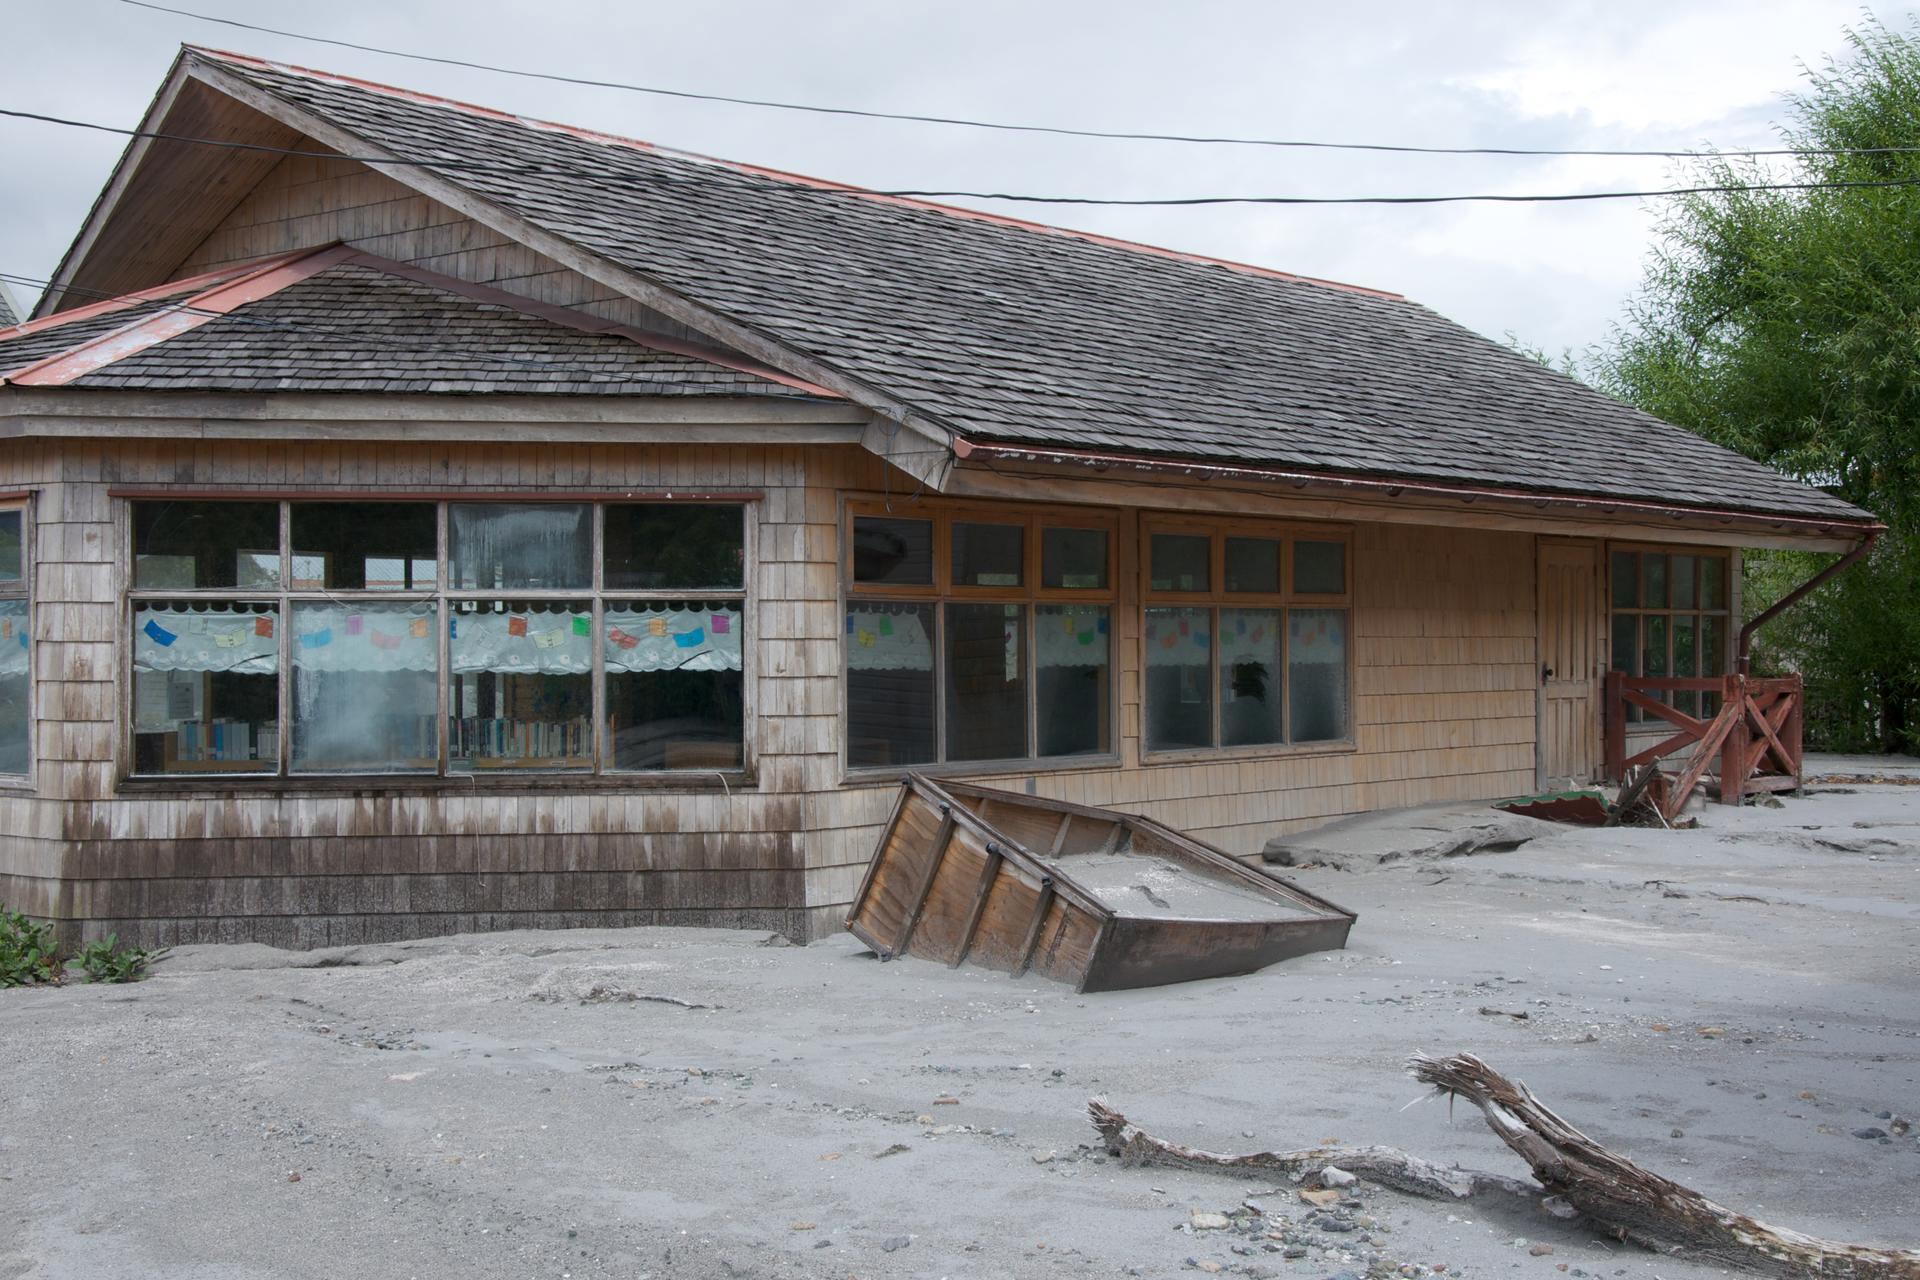 Zdjęcie przedstawiające dom oraz powódź błotną